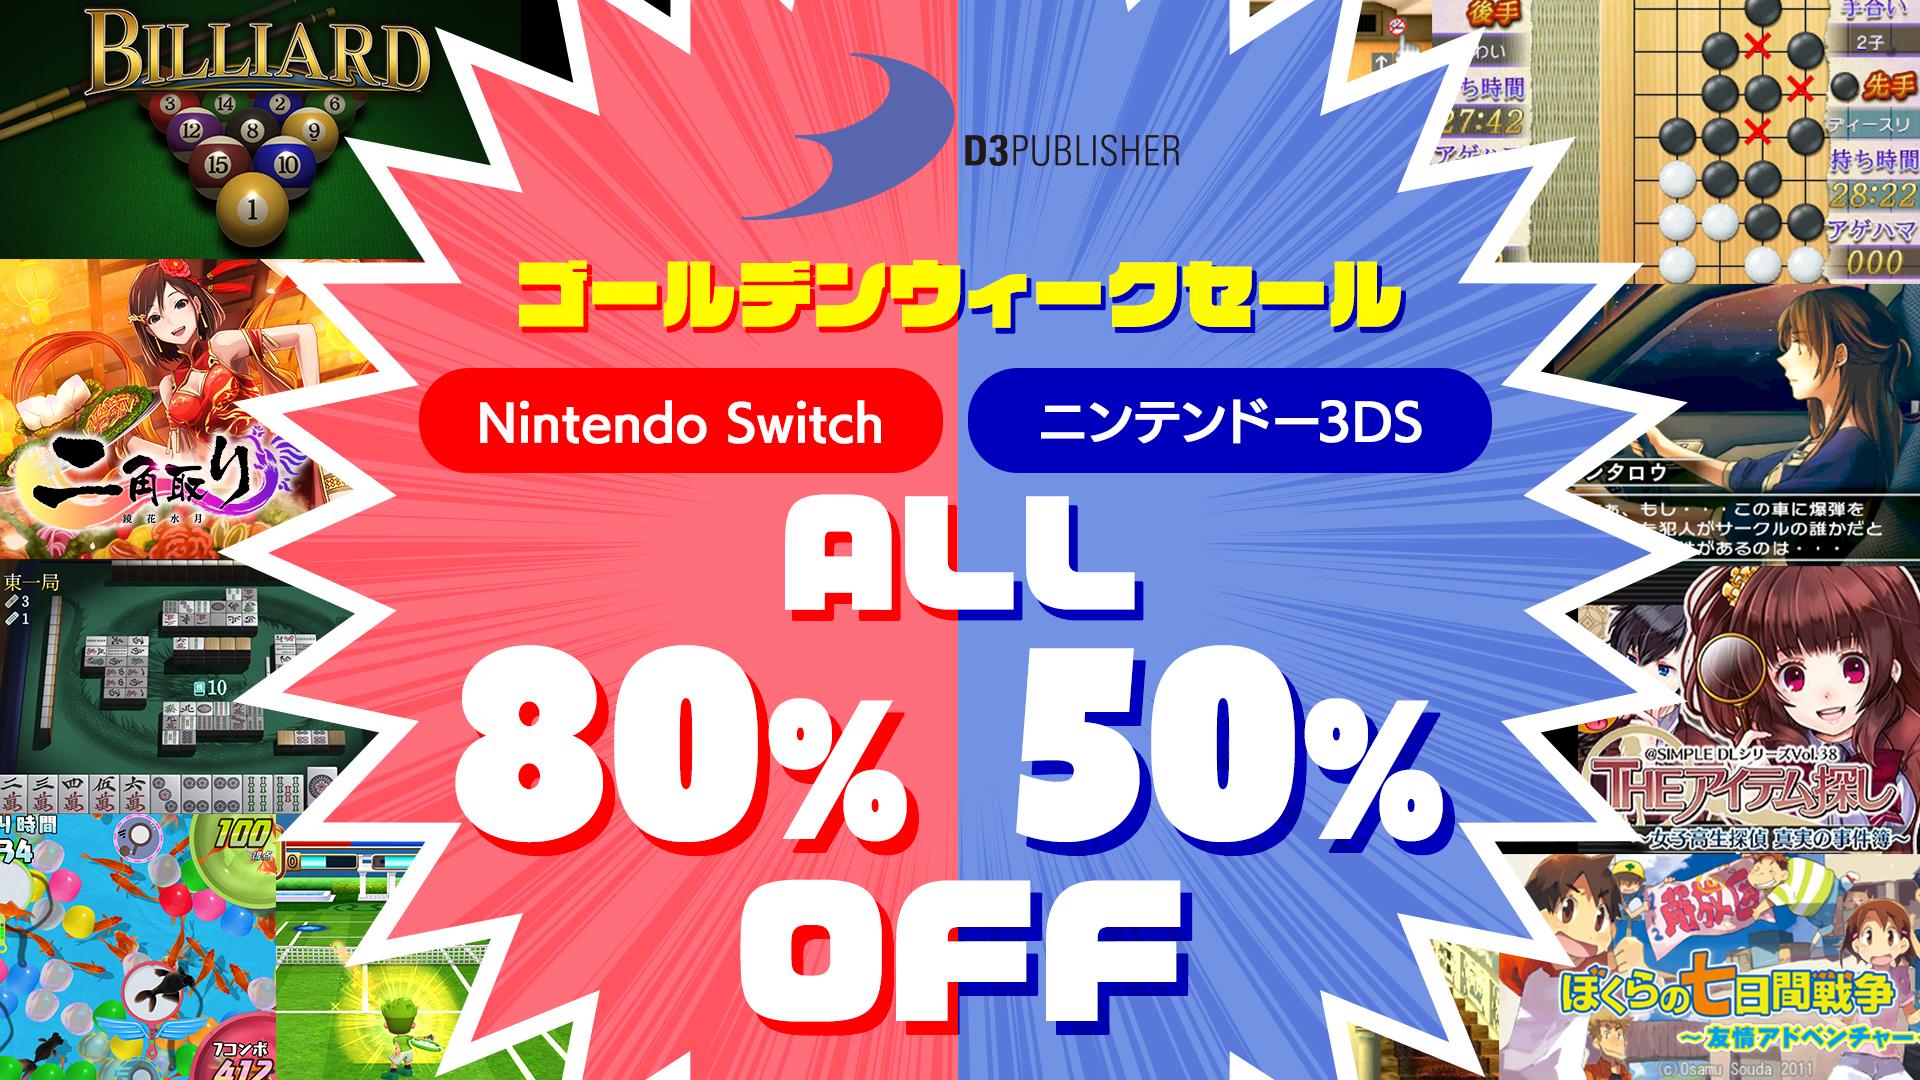 ディースリー・パブリッシャーNintendo Switch/3DSタイトルゴールデンウィークセール